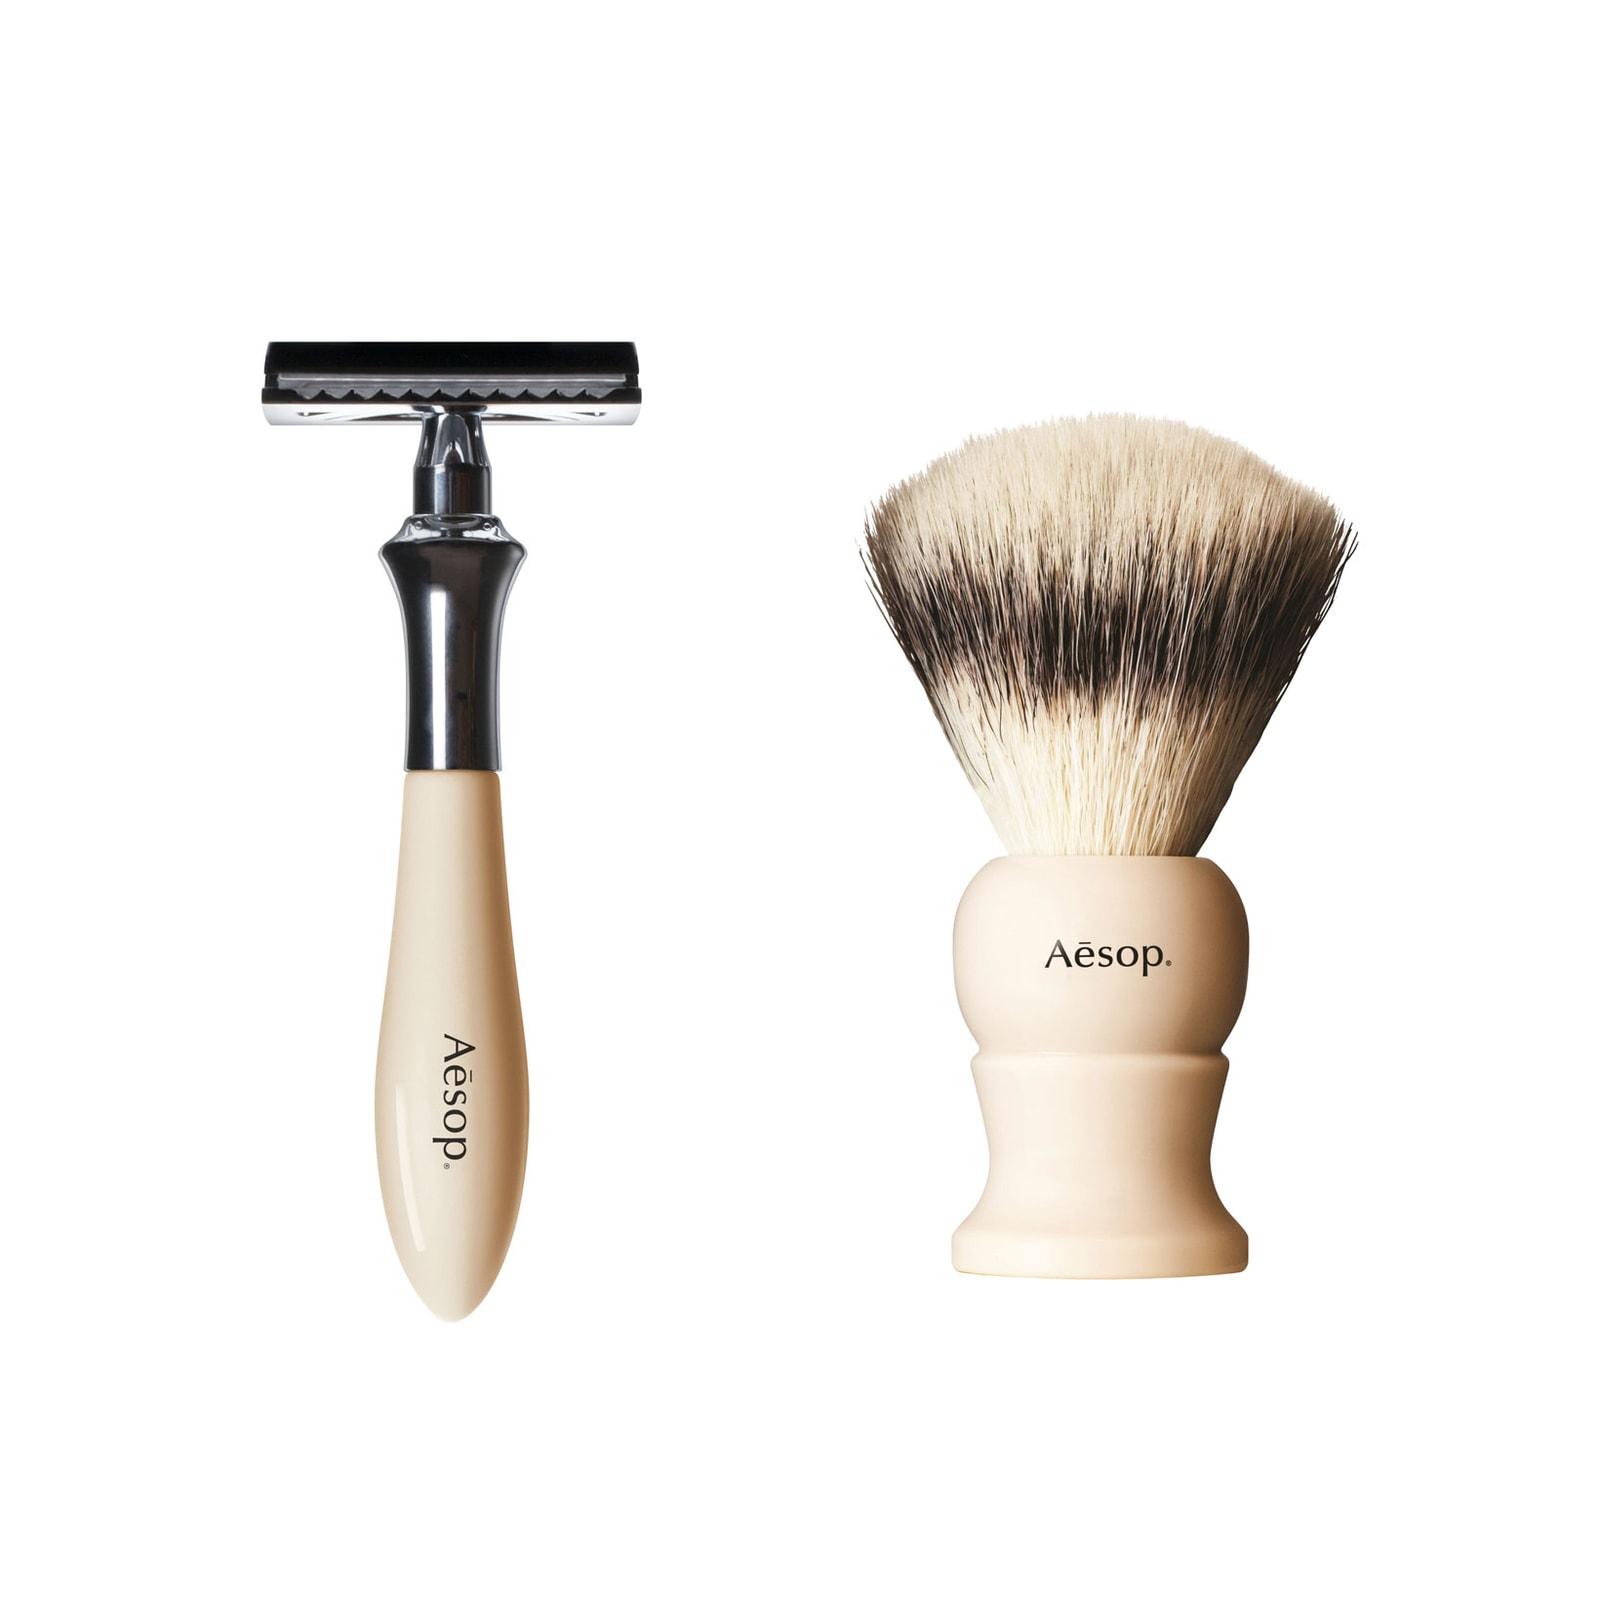 Aesop Shaving Brush and Razor